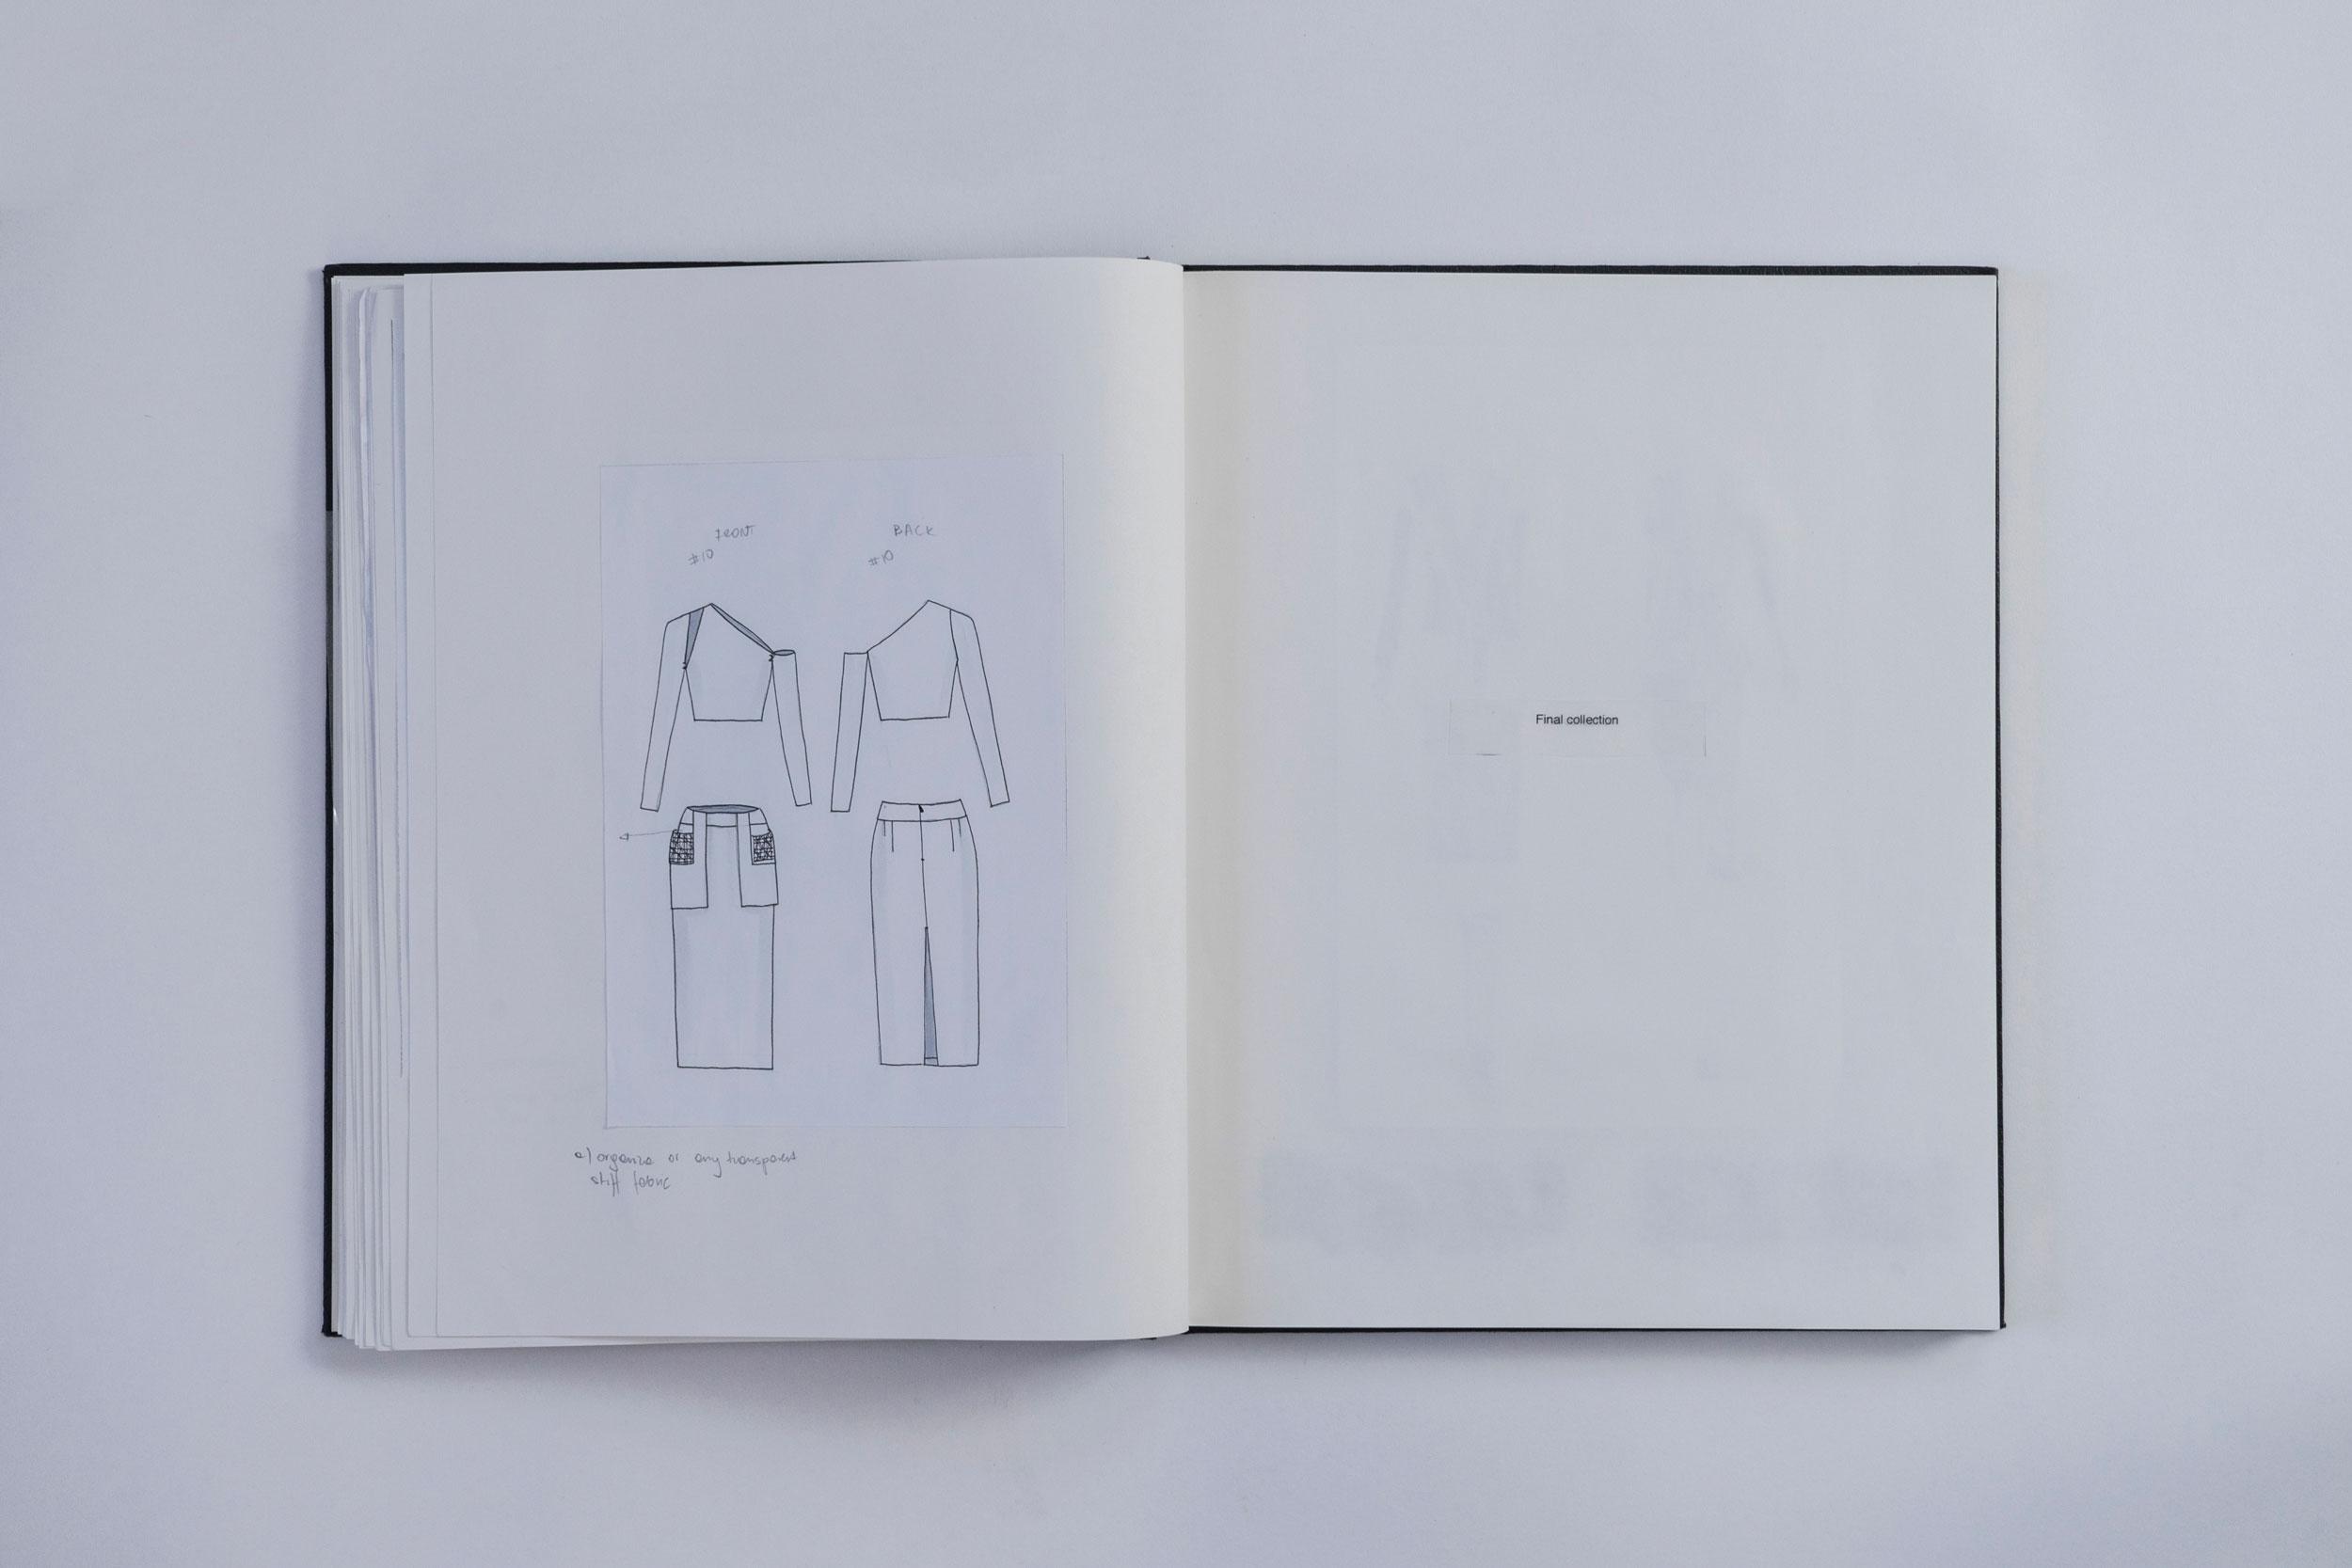 magda_richard_process_book23.jpg